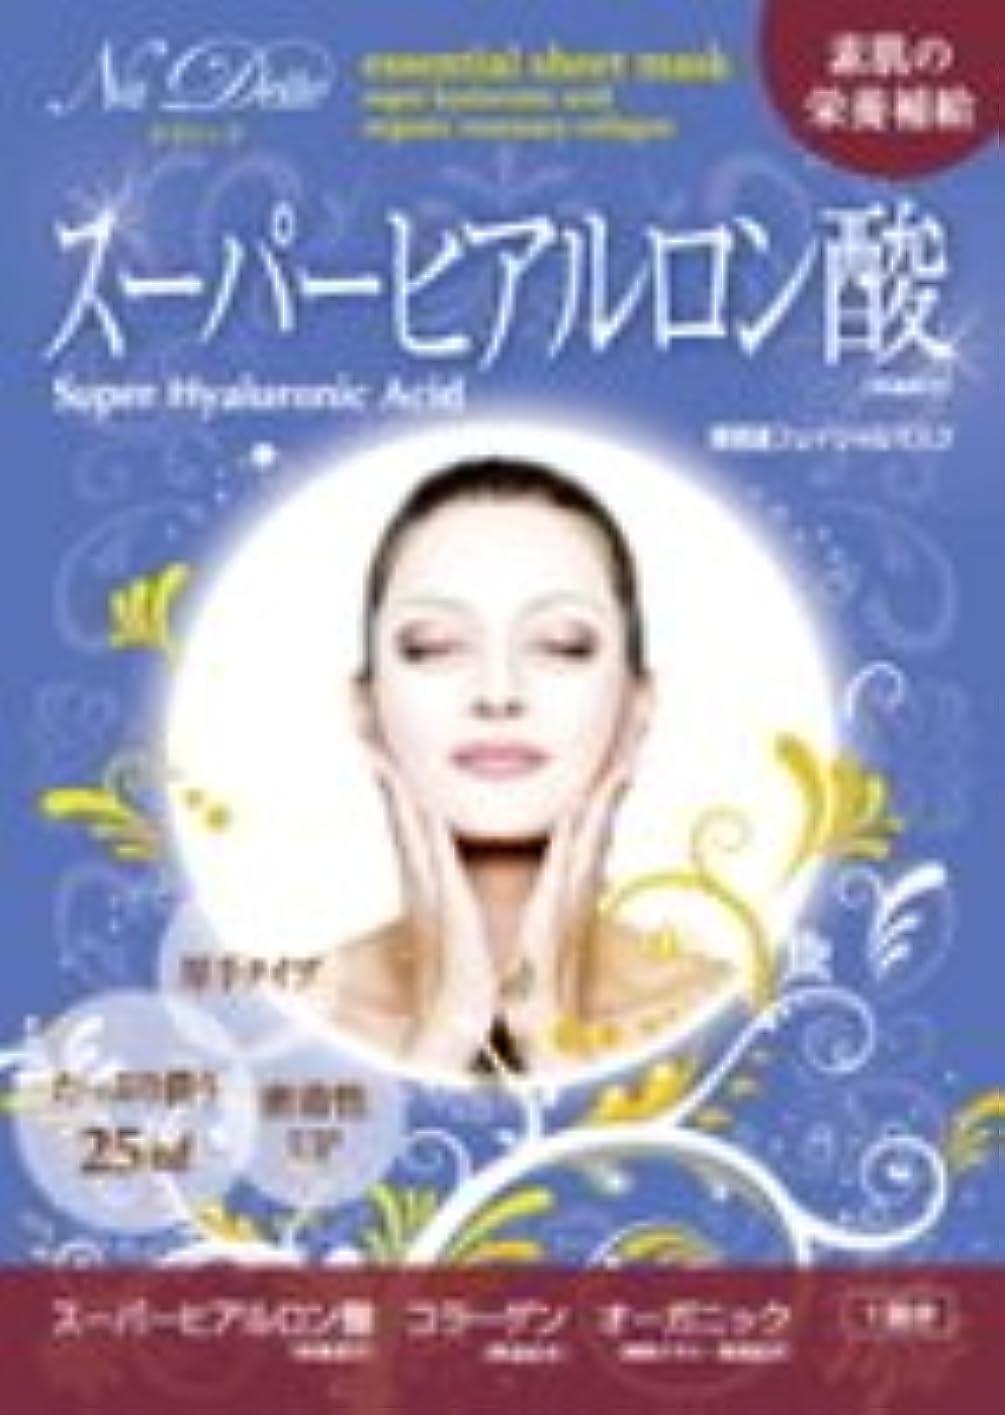 かんたん性能適応的フェイスマスクシリーズ「ナディーテ」エッセンスシートマスク(ヒアルロン酸)